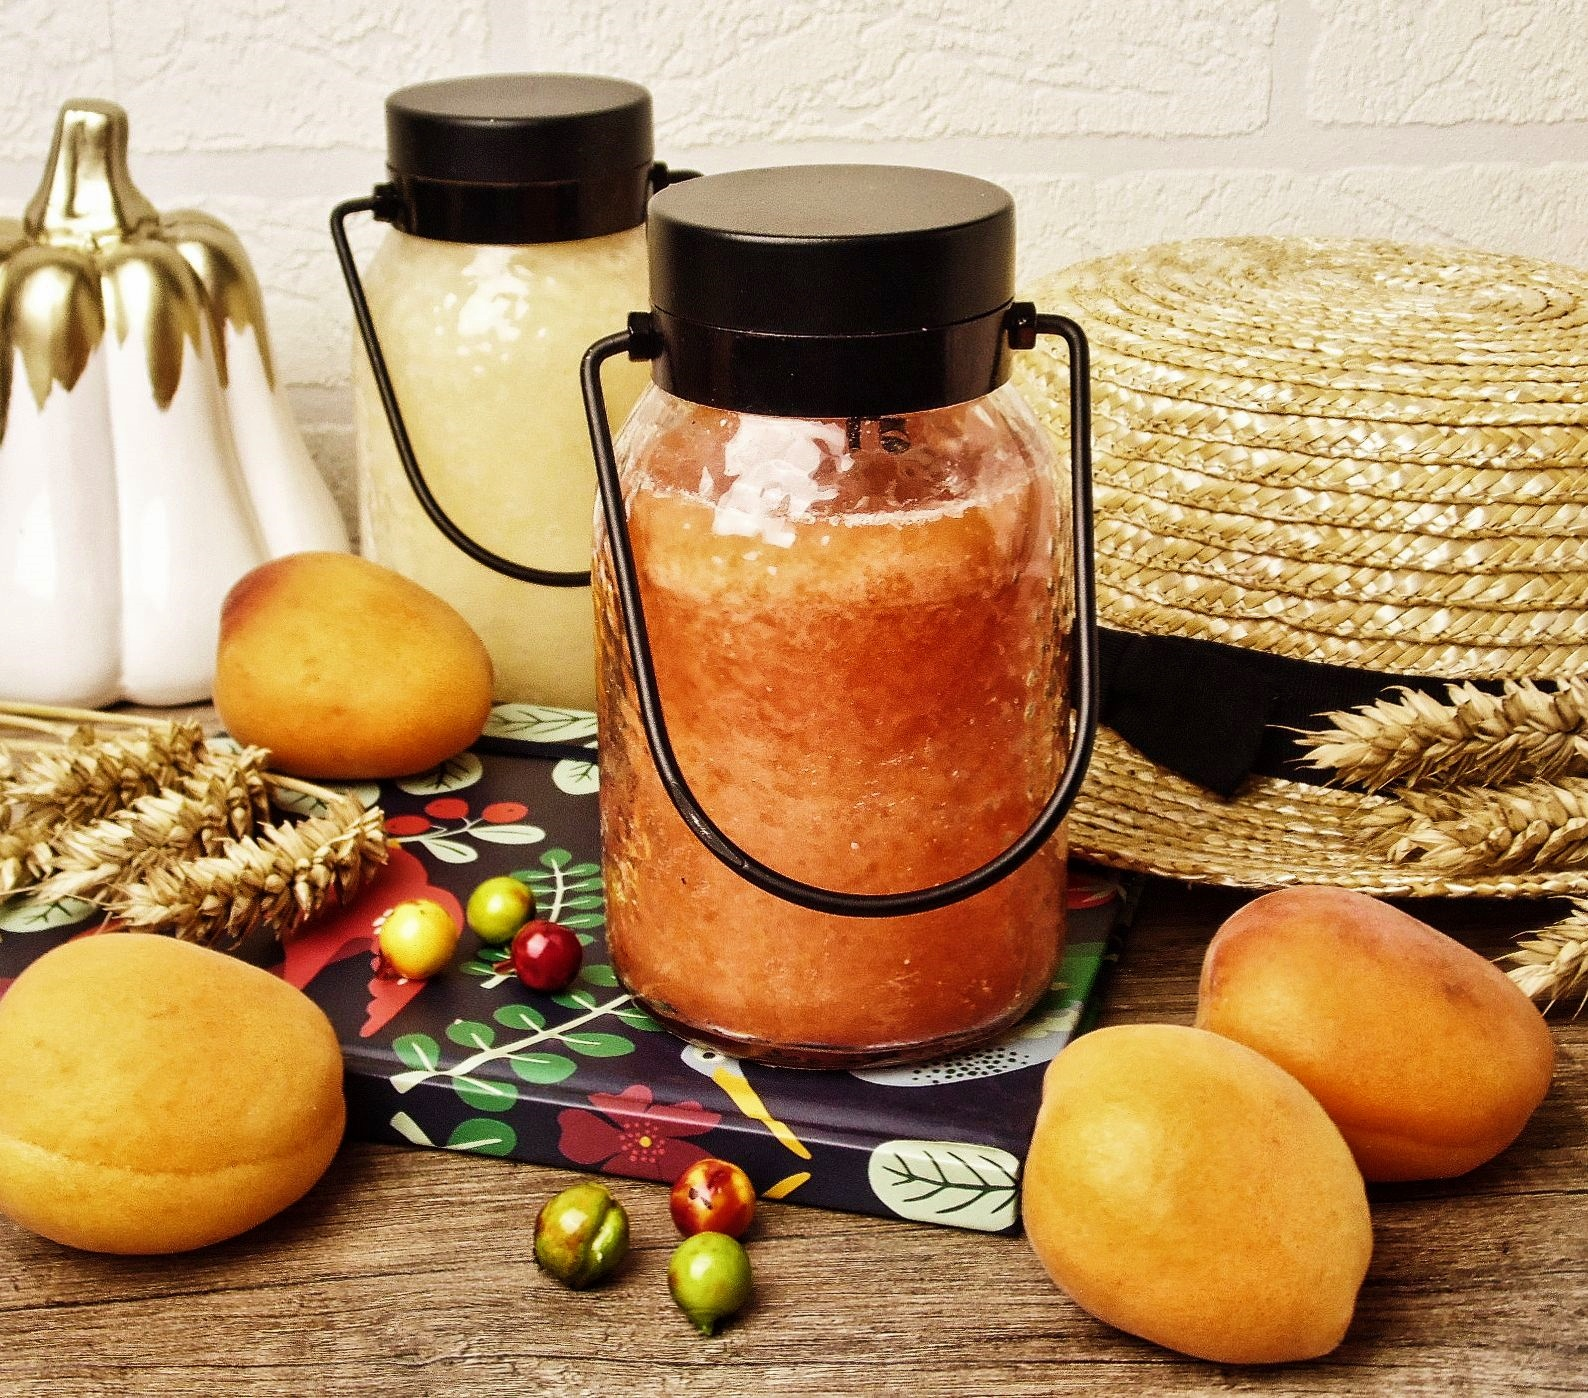 Pierwsze zetknięcie z marką Cheerful Candle - Juicy Peach w wersi Lantern